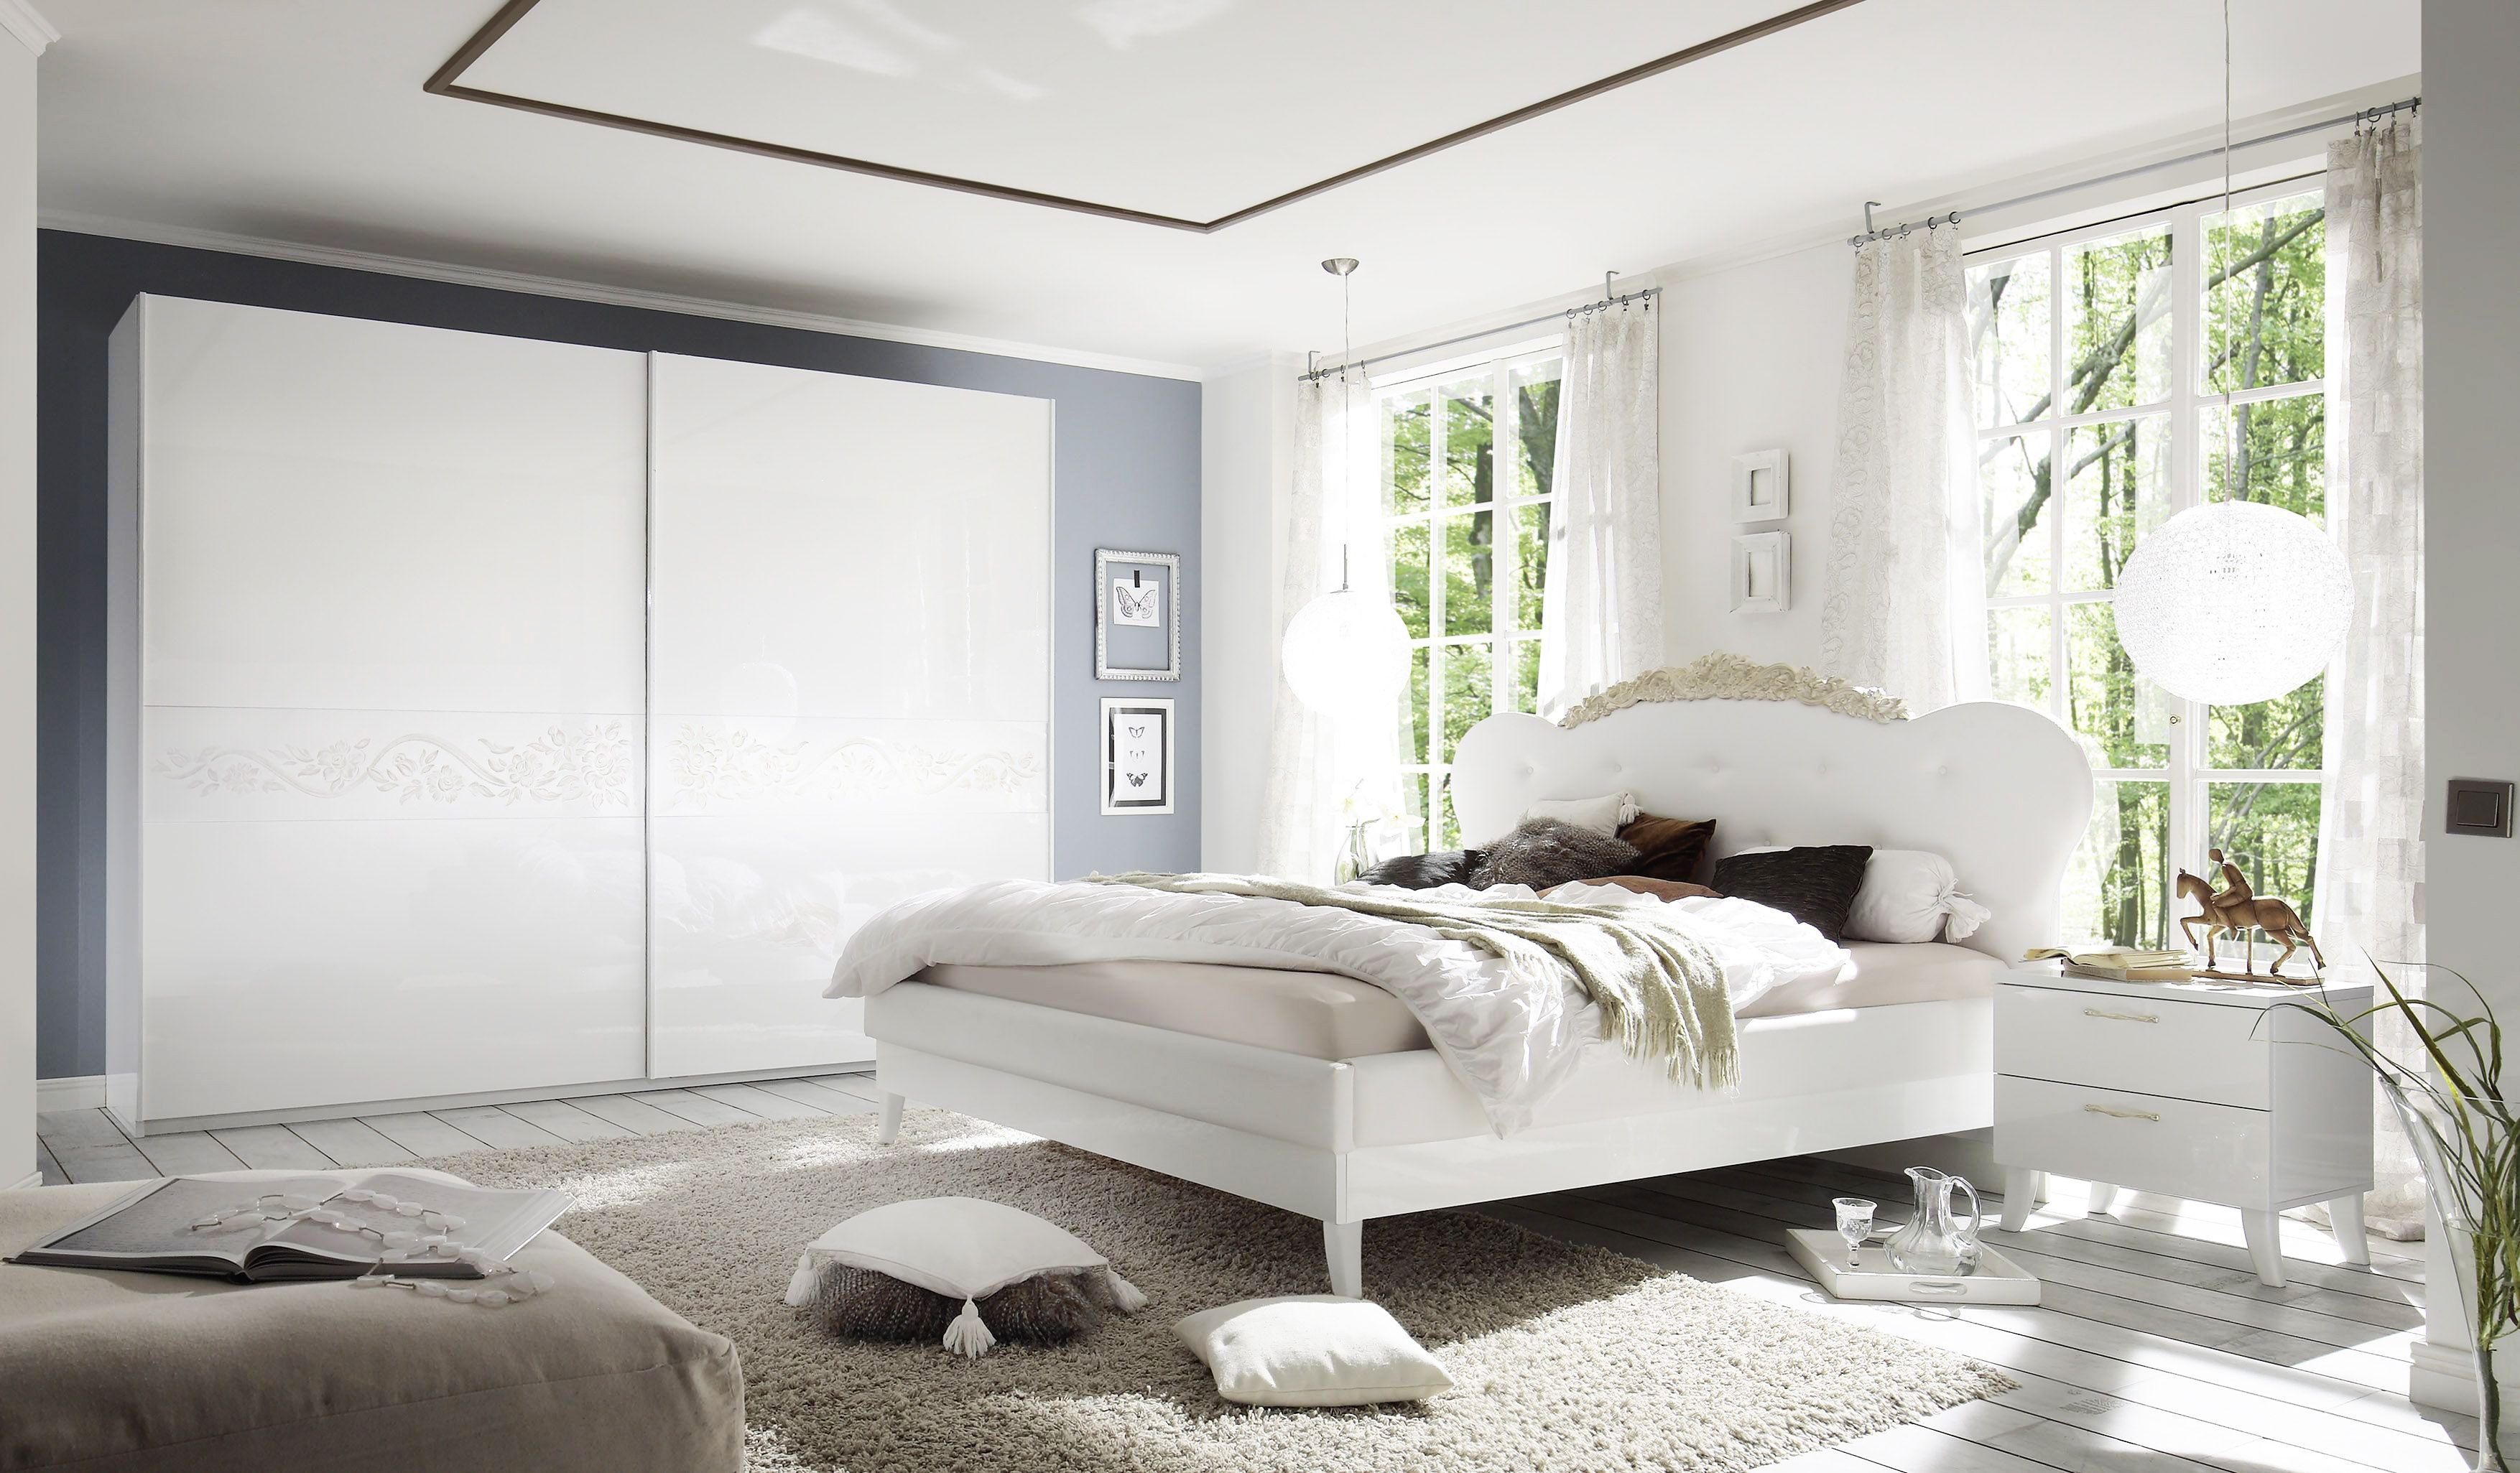 Königlicher Style für Dein Schlafzimmer Echt Hochglanz weiß lackiert und schöne Applikationen sind wesentlichen Merkmale der Schlafzimmer Seri